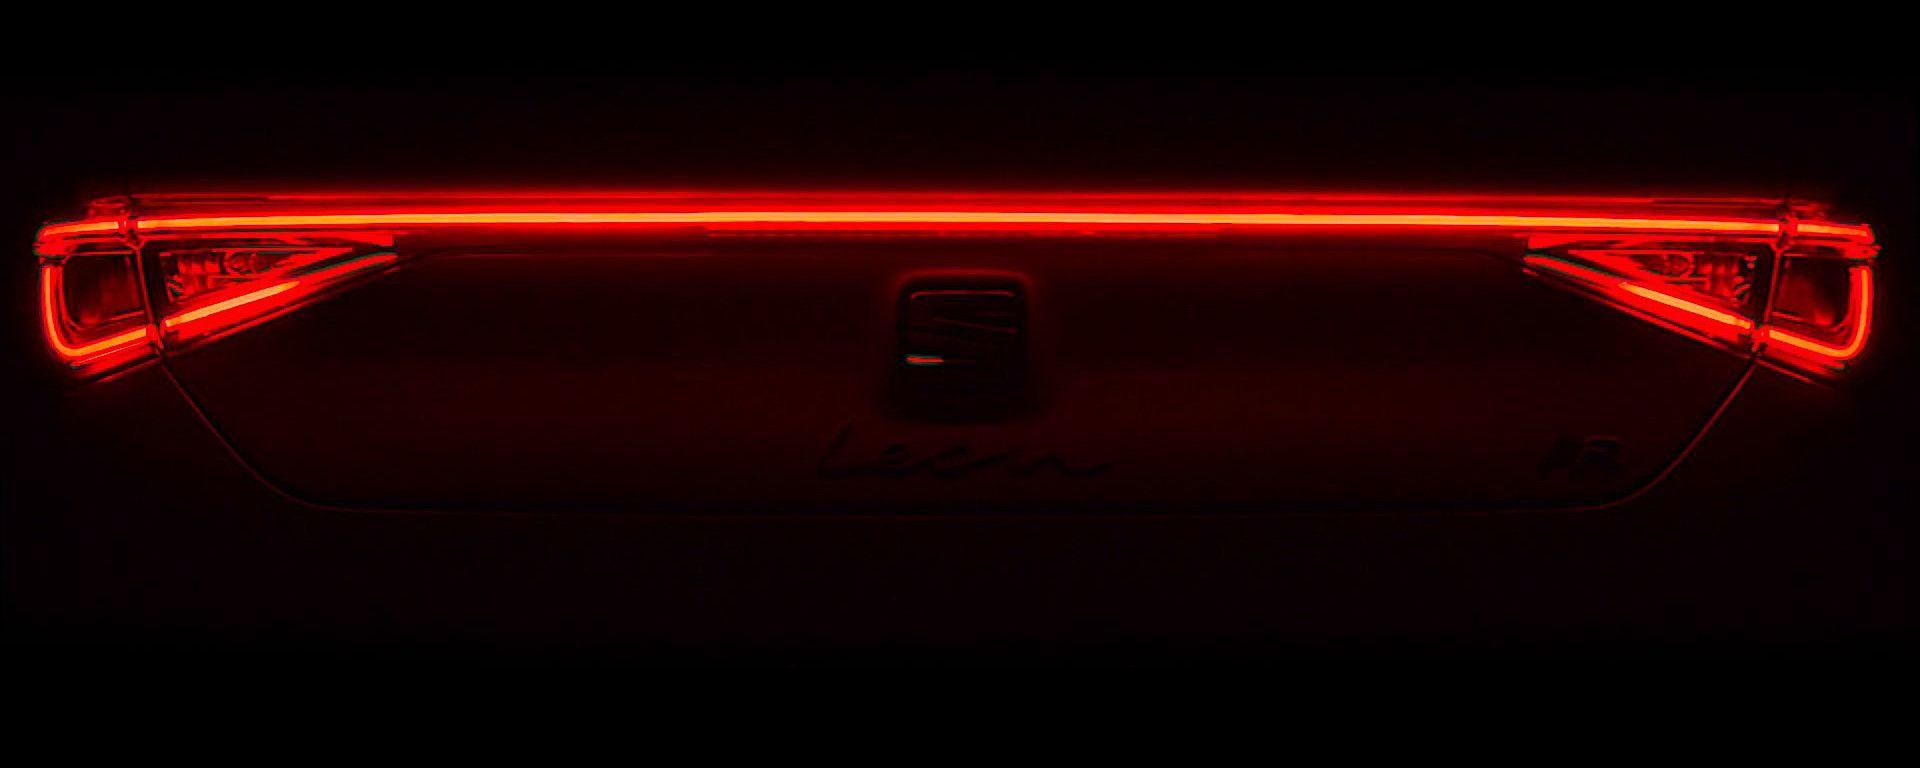 La striscia a LED che caratterizza il posteriore della nuova Seat Leon 2020